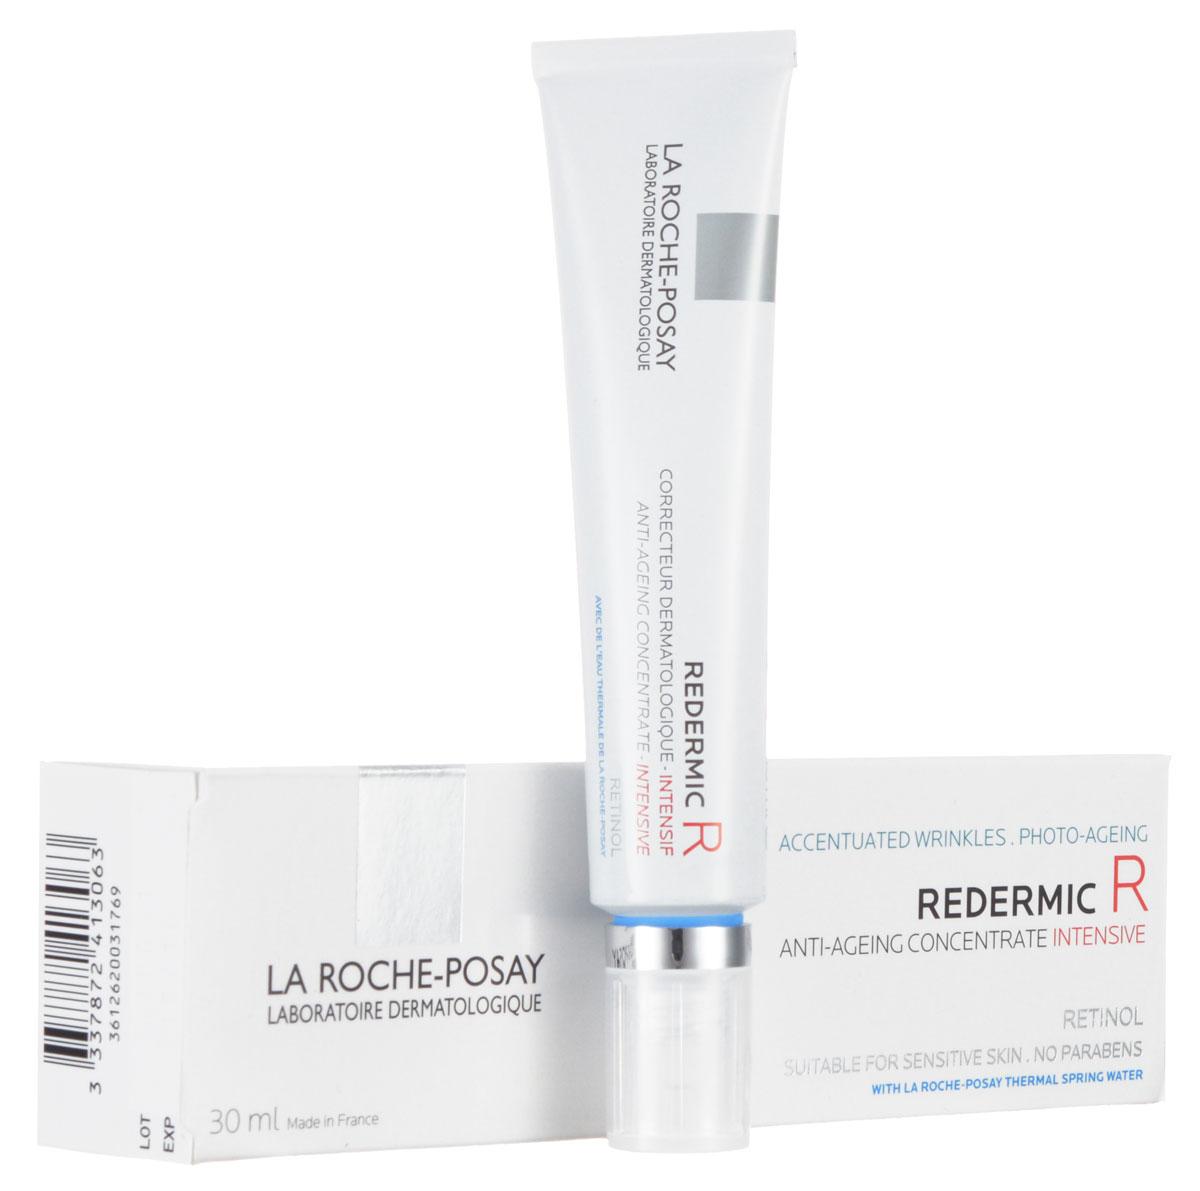 La Roche-Posay Концентрированный антивозрастрастной уход Redermic 35-55 лет 30 млM3410500Концентрированный антивозрастной уход разглаживает даже выраженные морщины. Поверхность кожи преобразуется: рельеф кожи выравнивается, становится однородным. Пигментация менее выражена. Революционная формула: - Чистый ретинол 0,1%: мощный компонент для борьбы с признаками фотостарения. Стимулирует выработку коллагена, выравнивает поверхность кожи, нейтрализует пигментацию. - Ретинол последовательного высвобождения 0,2%: ретинол, связанный с линолевой кислотой и аденозином, постепенно высвобождается небольшими дозами для оптимальной переносимости. - LHA-кислоты 0,3%: оказывают разглаживающее действие, мягко отшелушивают ороговевшие клетки кожи для лучшего проникновения активных ингредиентов.